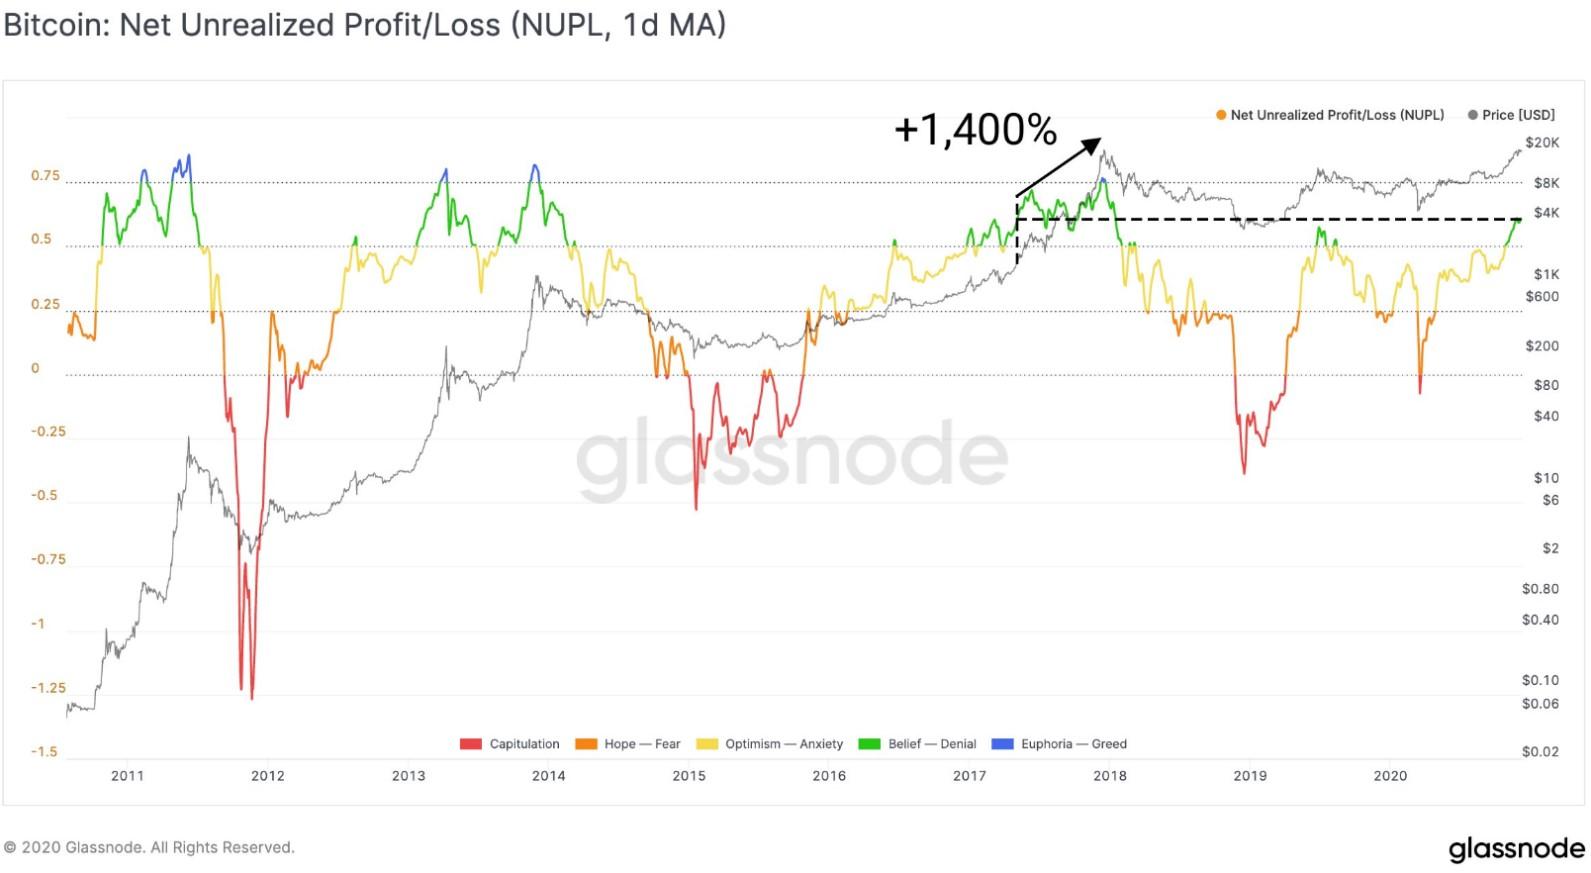 CTO Glassnode прогнозирует десятикратный рост цены биткоина от текущих уровней